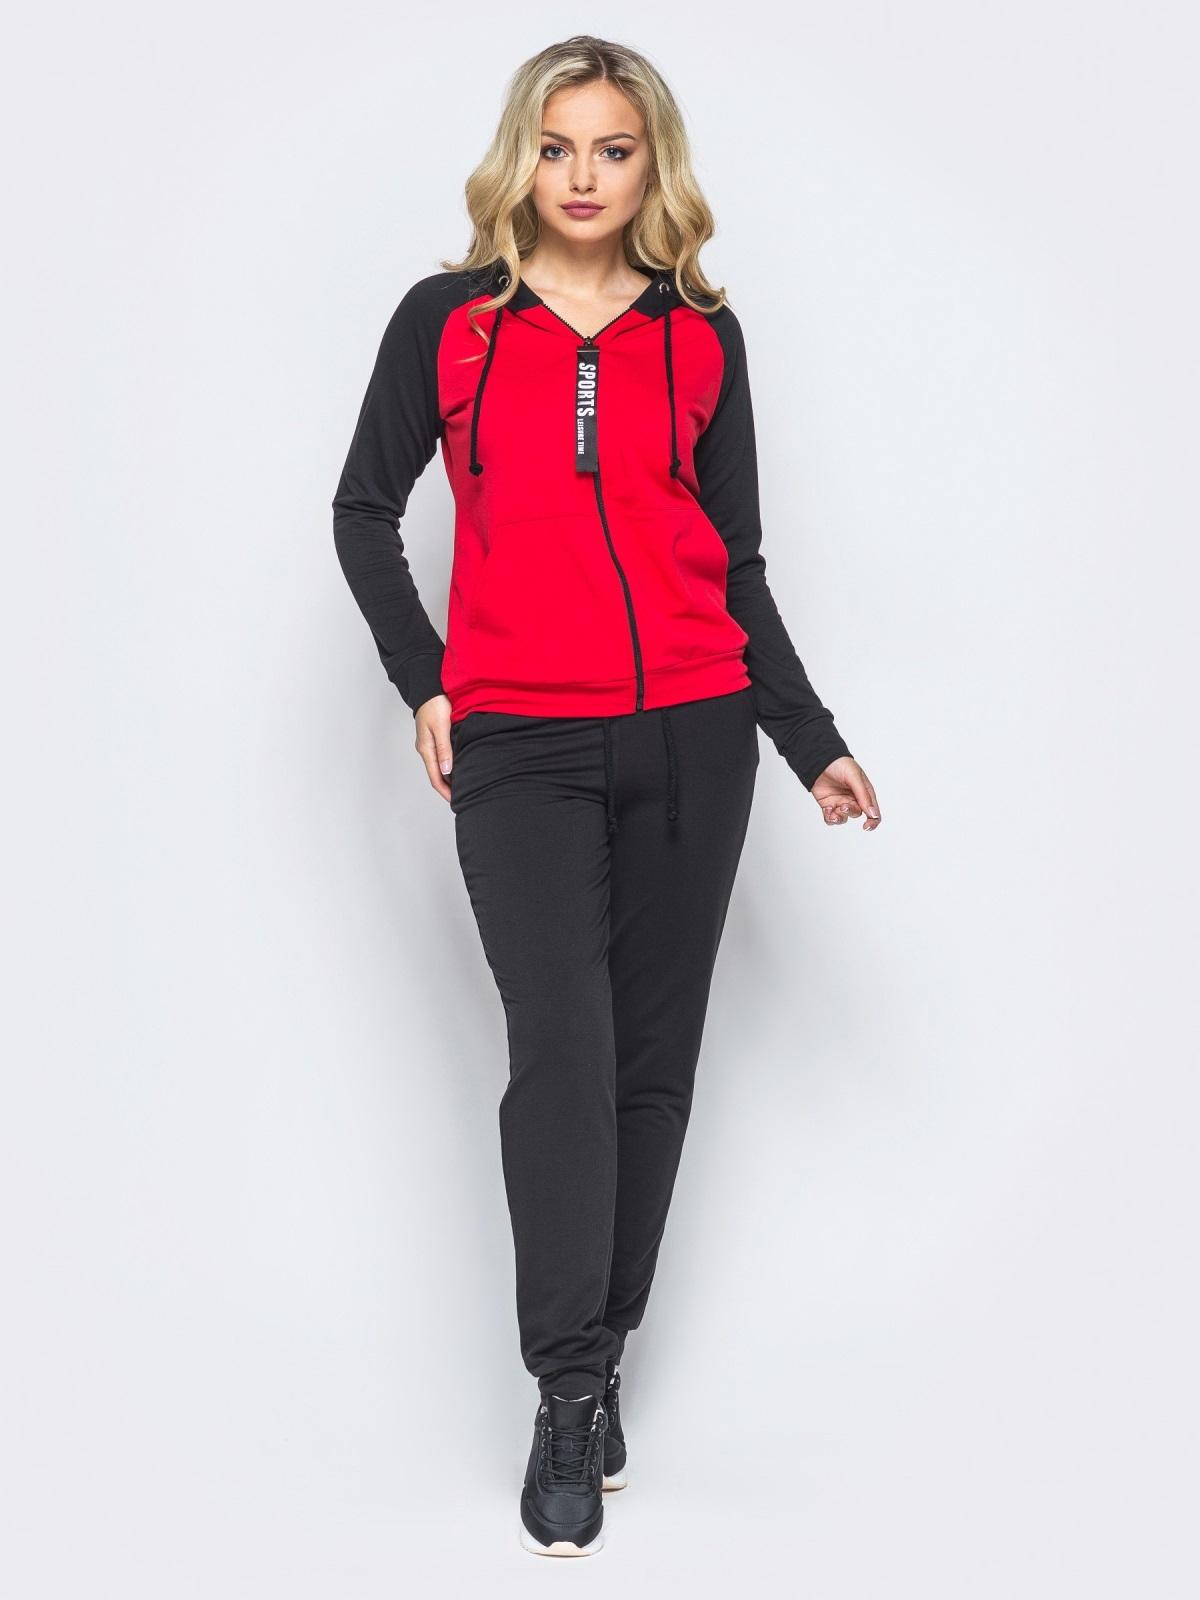 Спортивный костюм с красной кофтой на молнии - 16527, фото 1 –  интернет-магазин e850fee4000